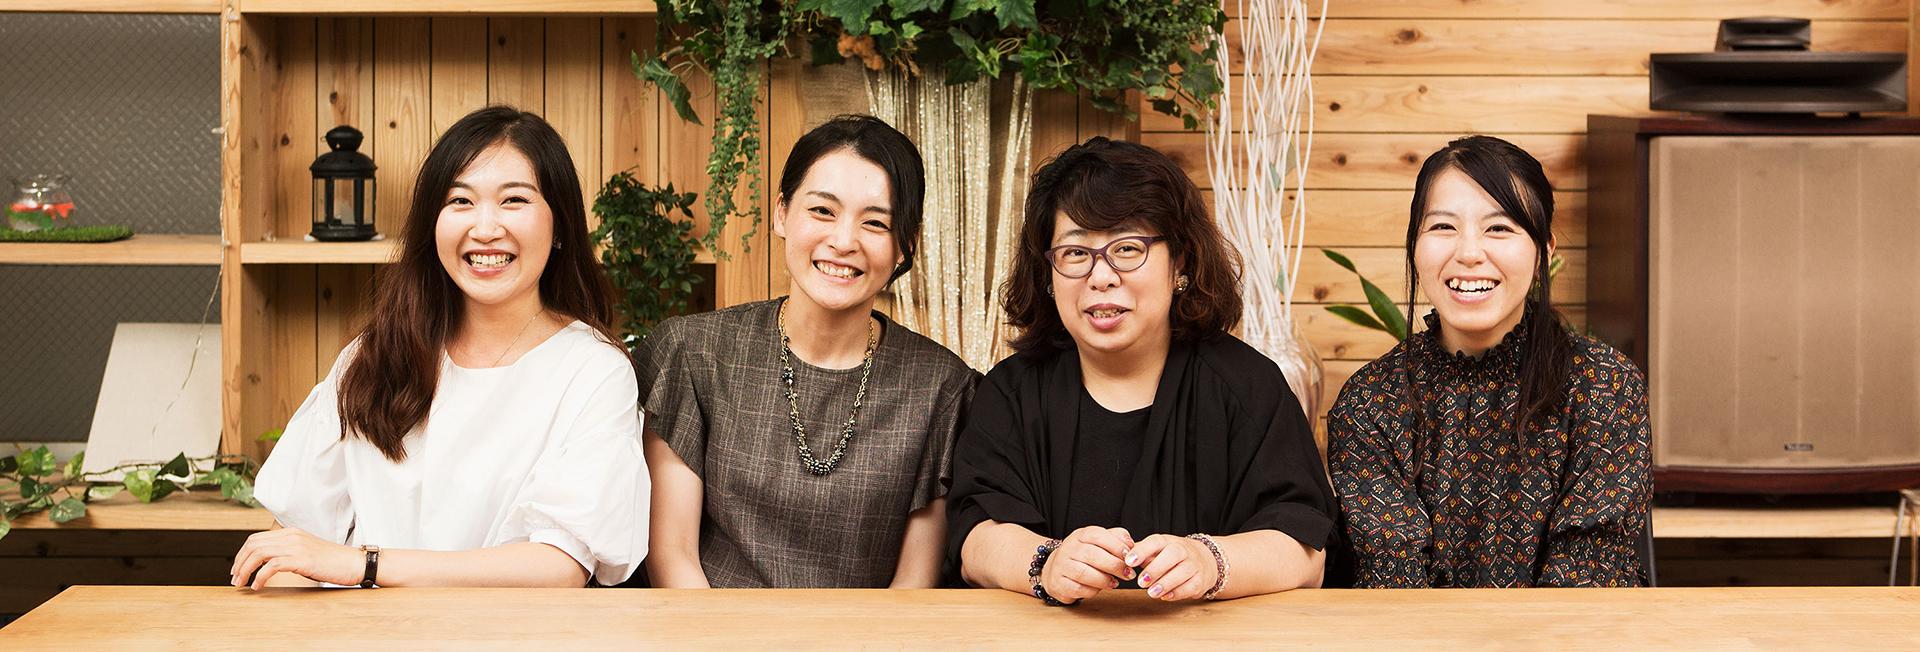 画像:北九州市大好きっちゃママ達の集合写真